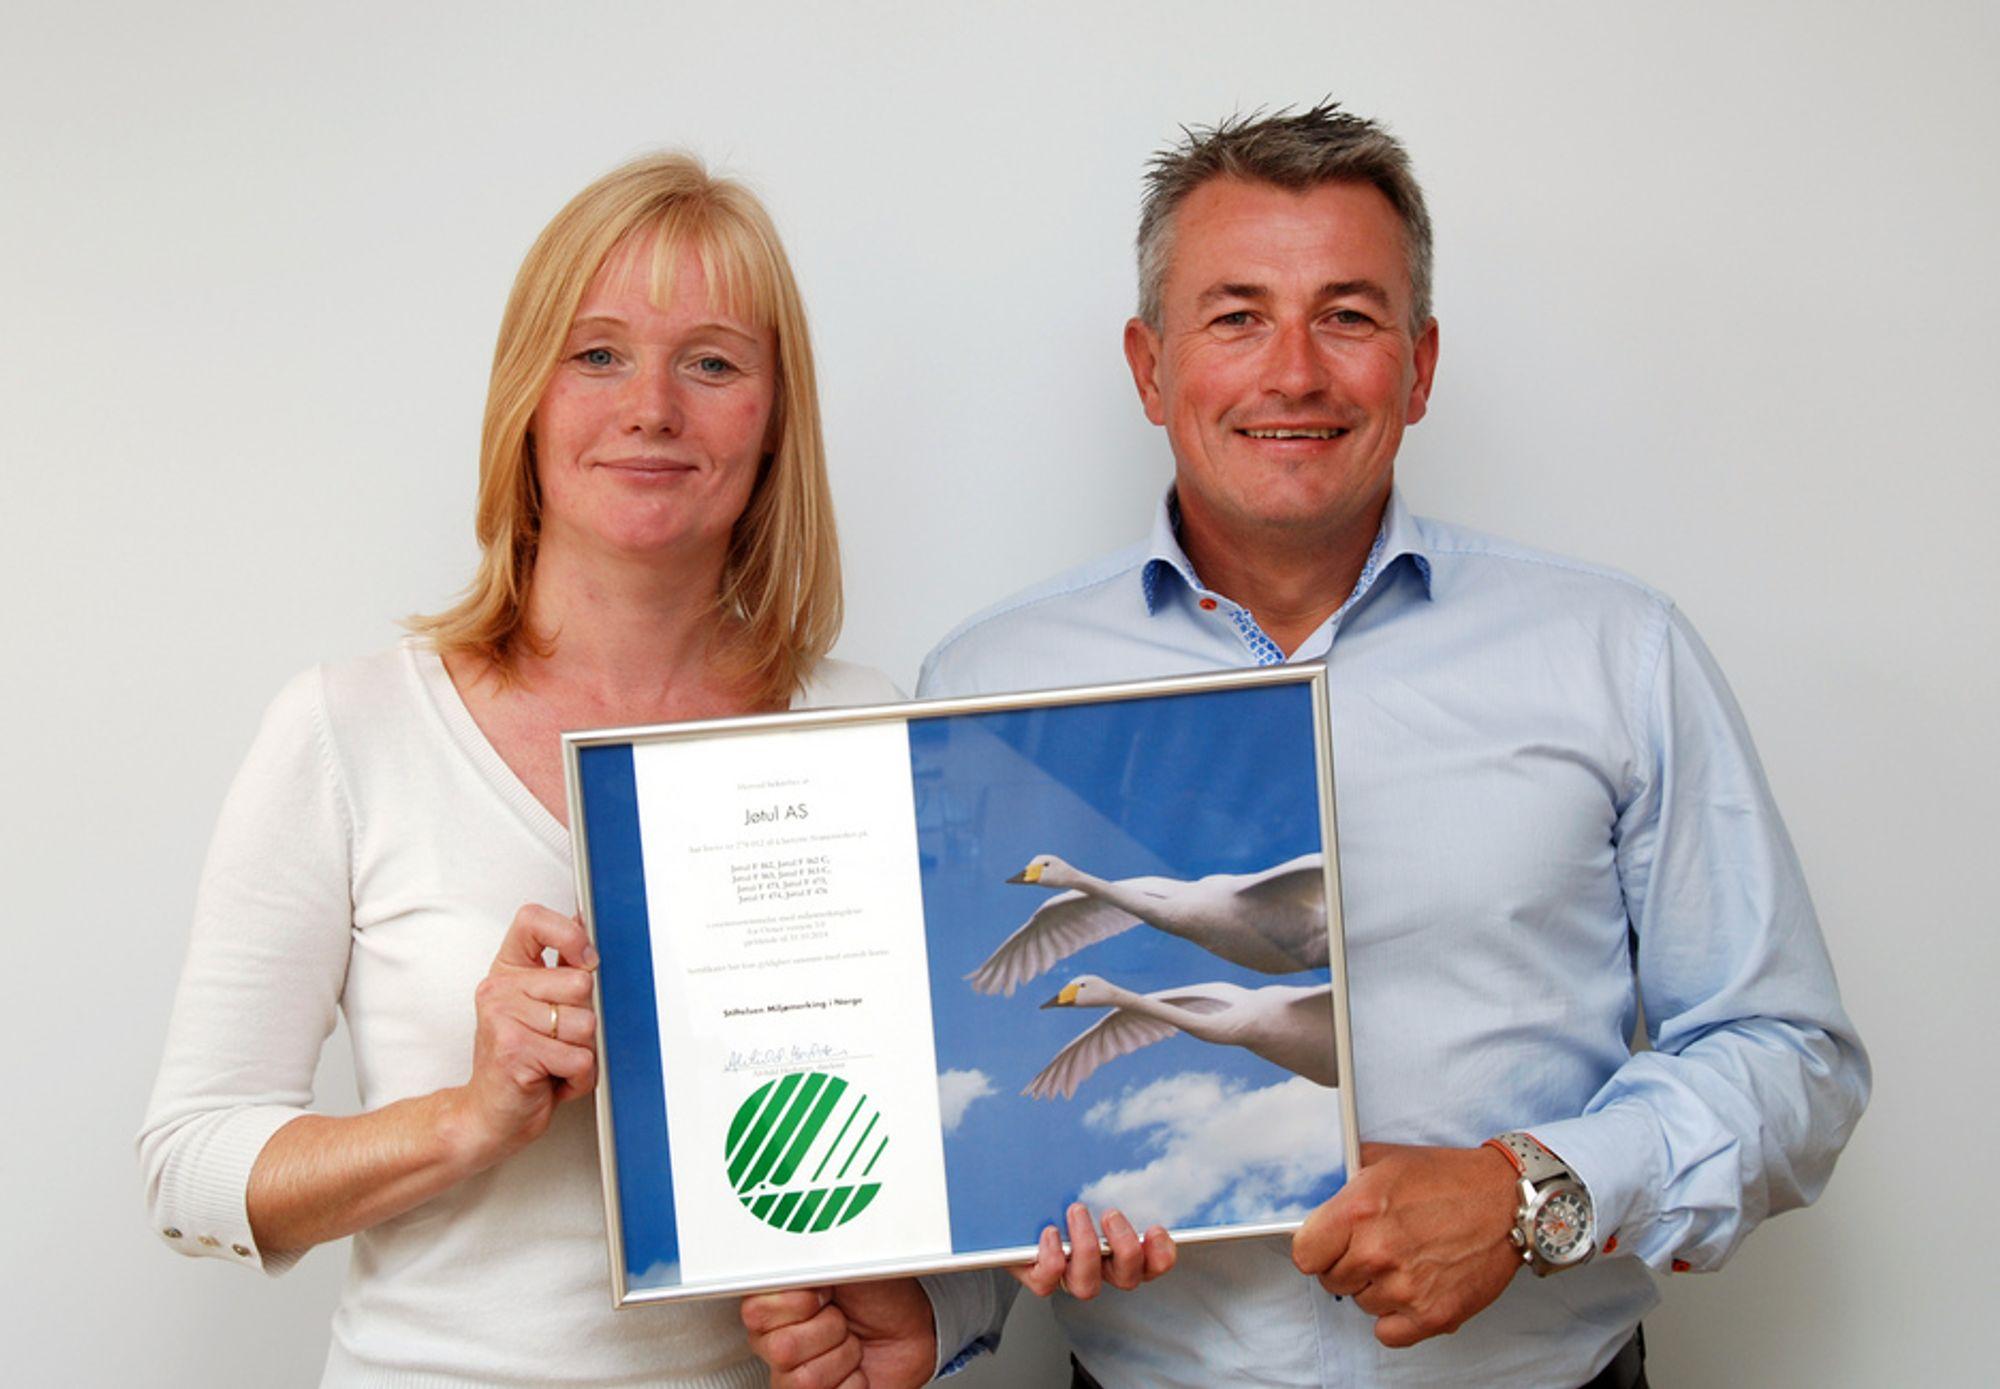 Jøtuls markedsdirektør, René Christensen, mottar lisensbevis for Svanemerket av Miljømerkings direktør Alvhild Hedstein.